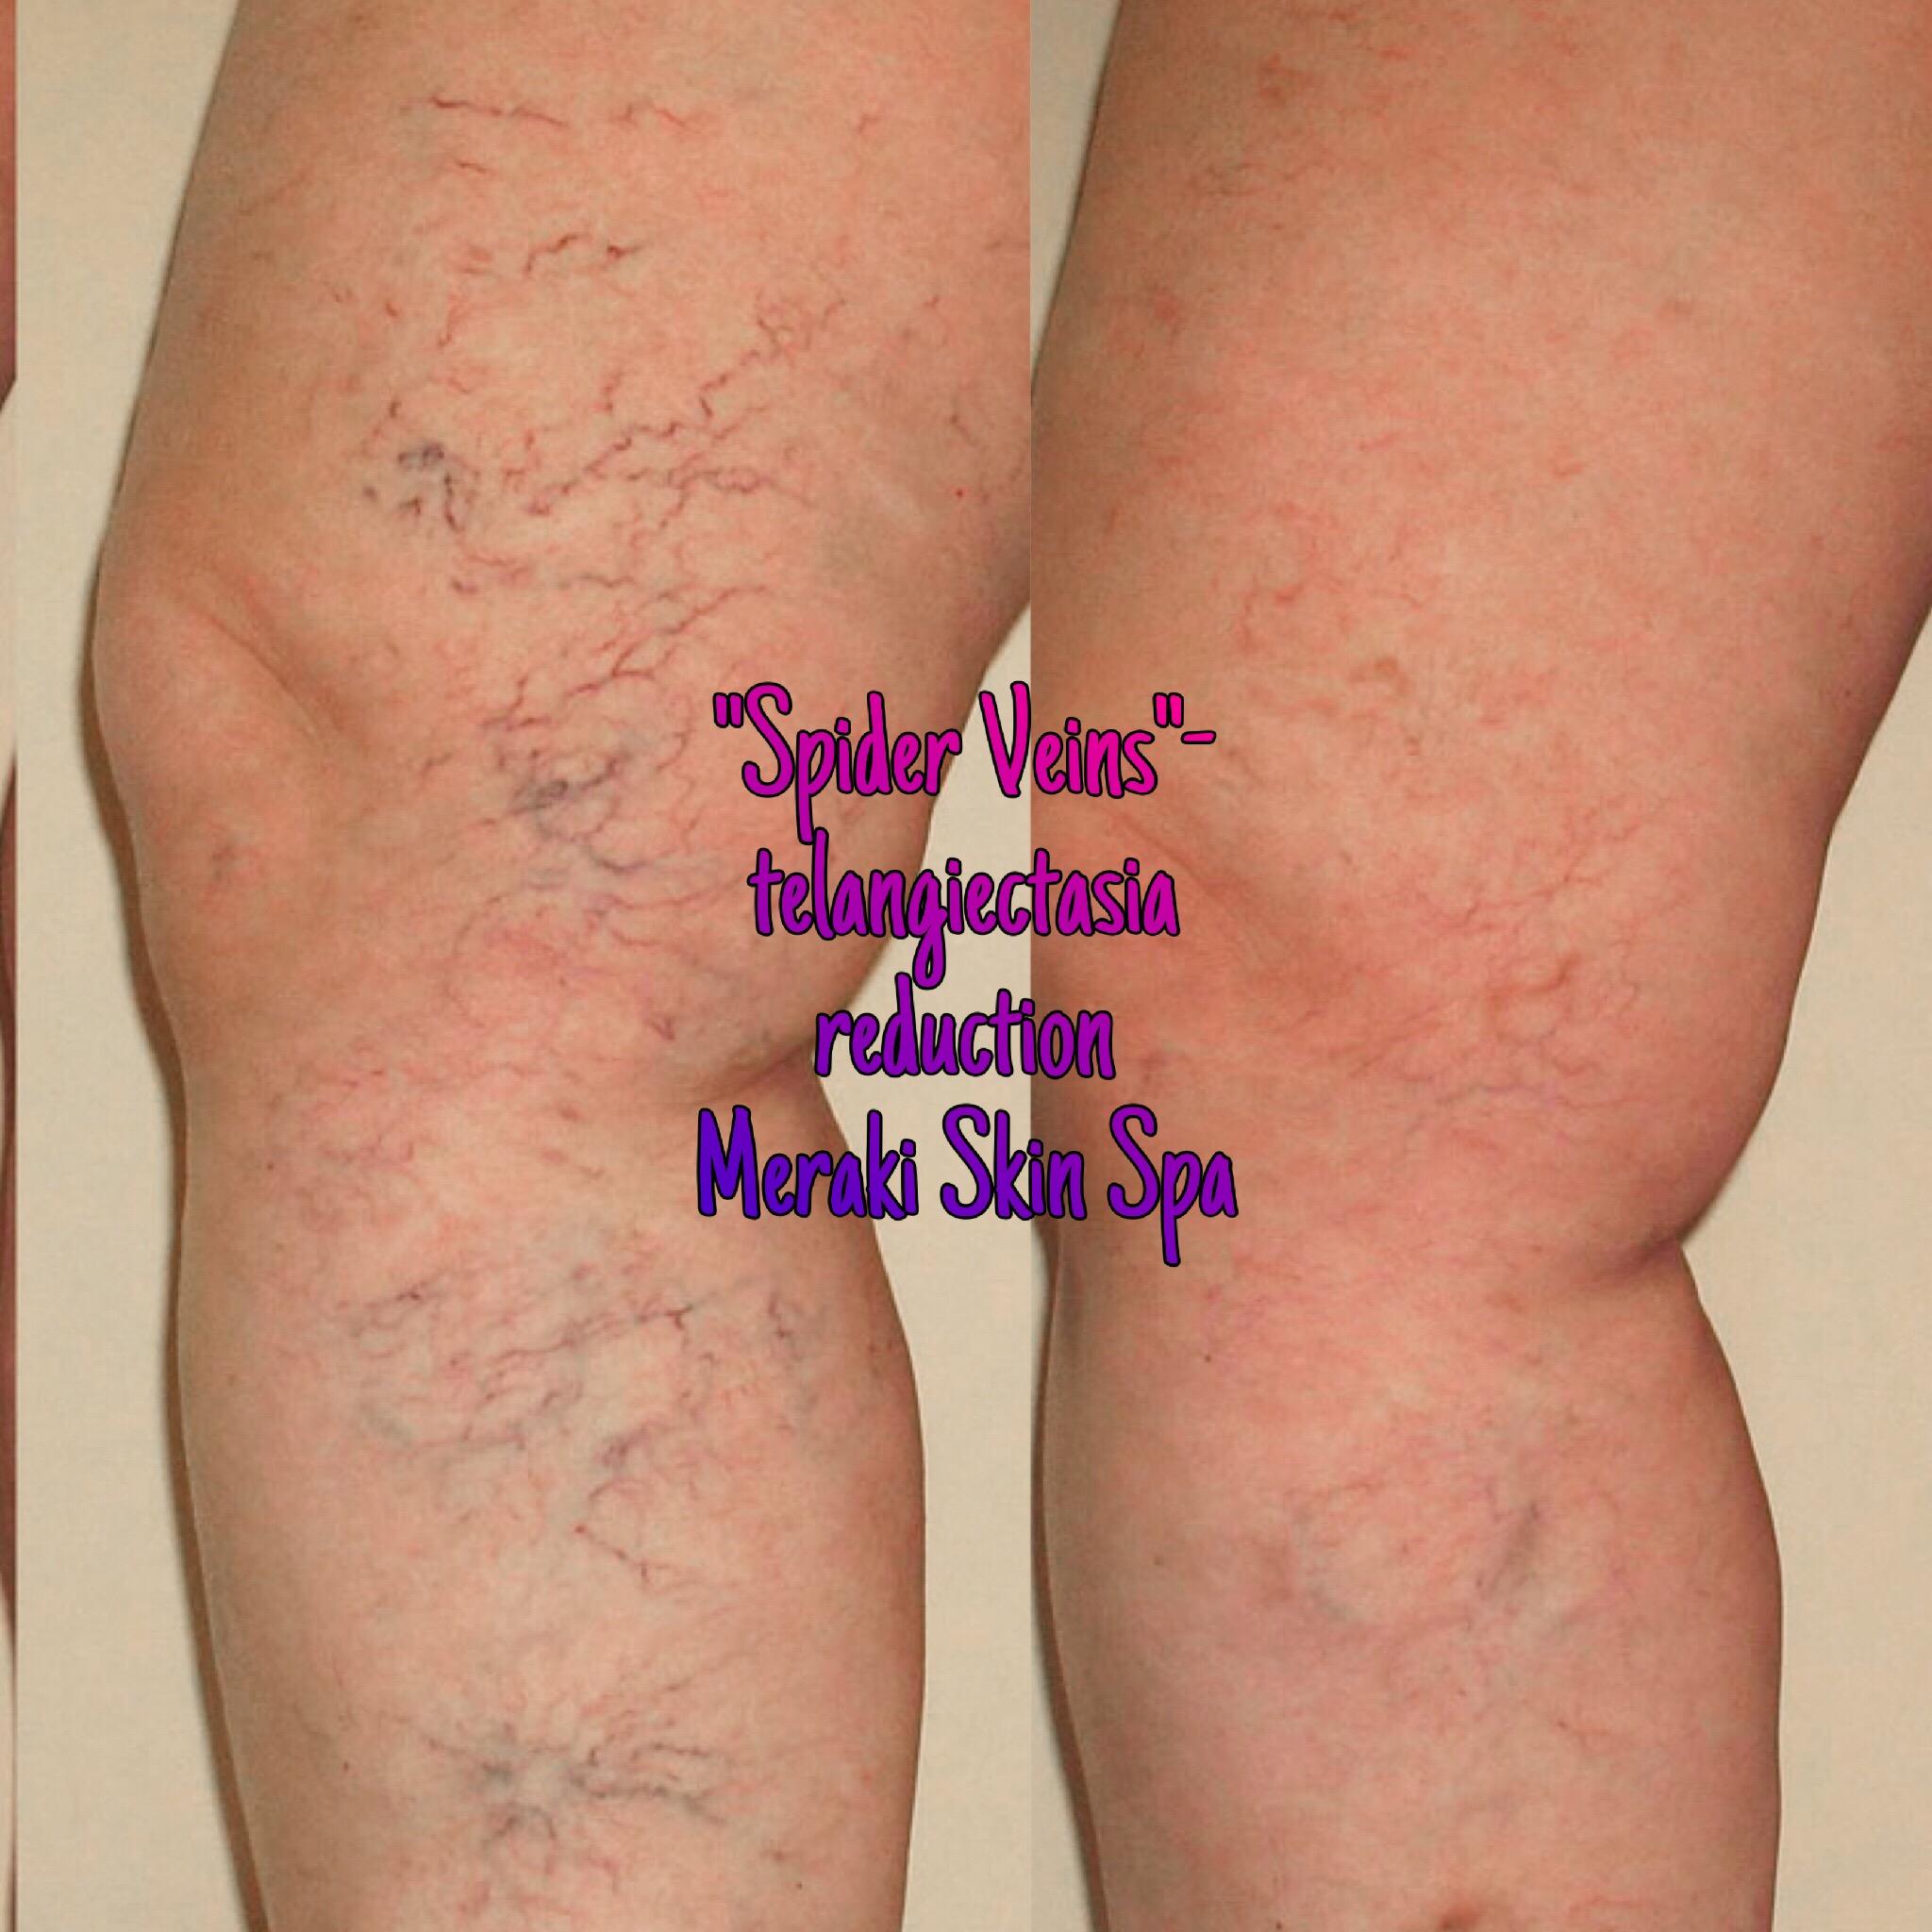 alt text spider vein treatment, spider vein reduction